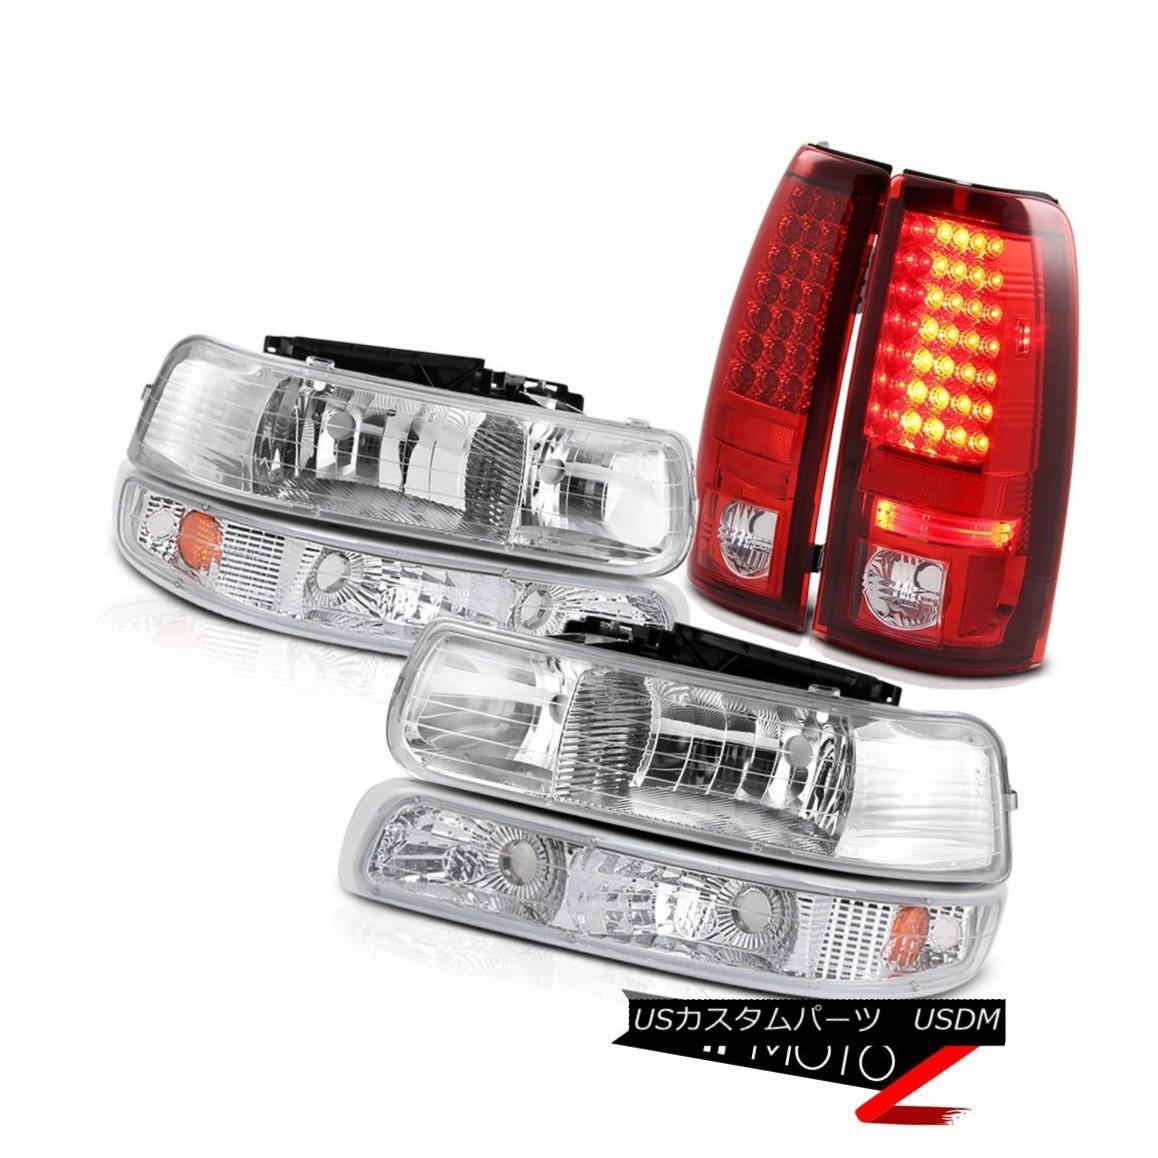 ヘッドライト COMBO 6PC 1999-2002 Silverado 1500 2500 HD Headlights Parking Red Tail Lights コンボ6PC 1999-2002 Silverado 1500 2500 HDヘッドライトパーキング赤テールライト